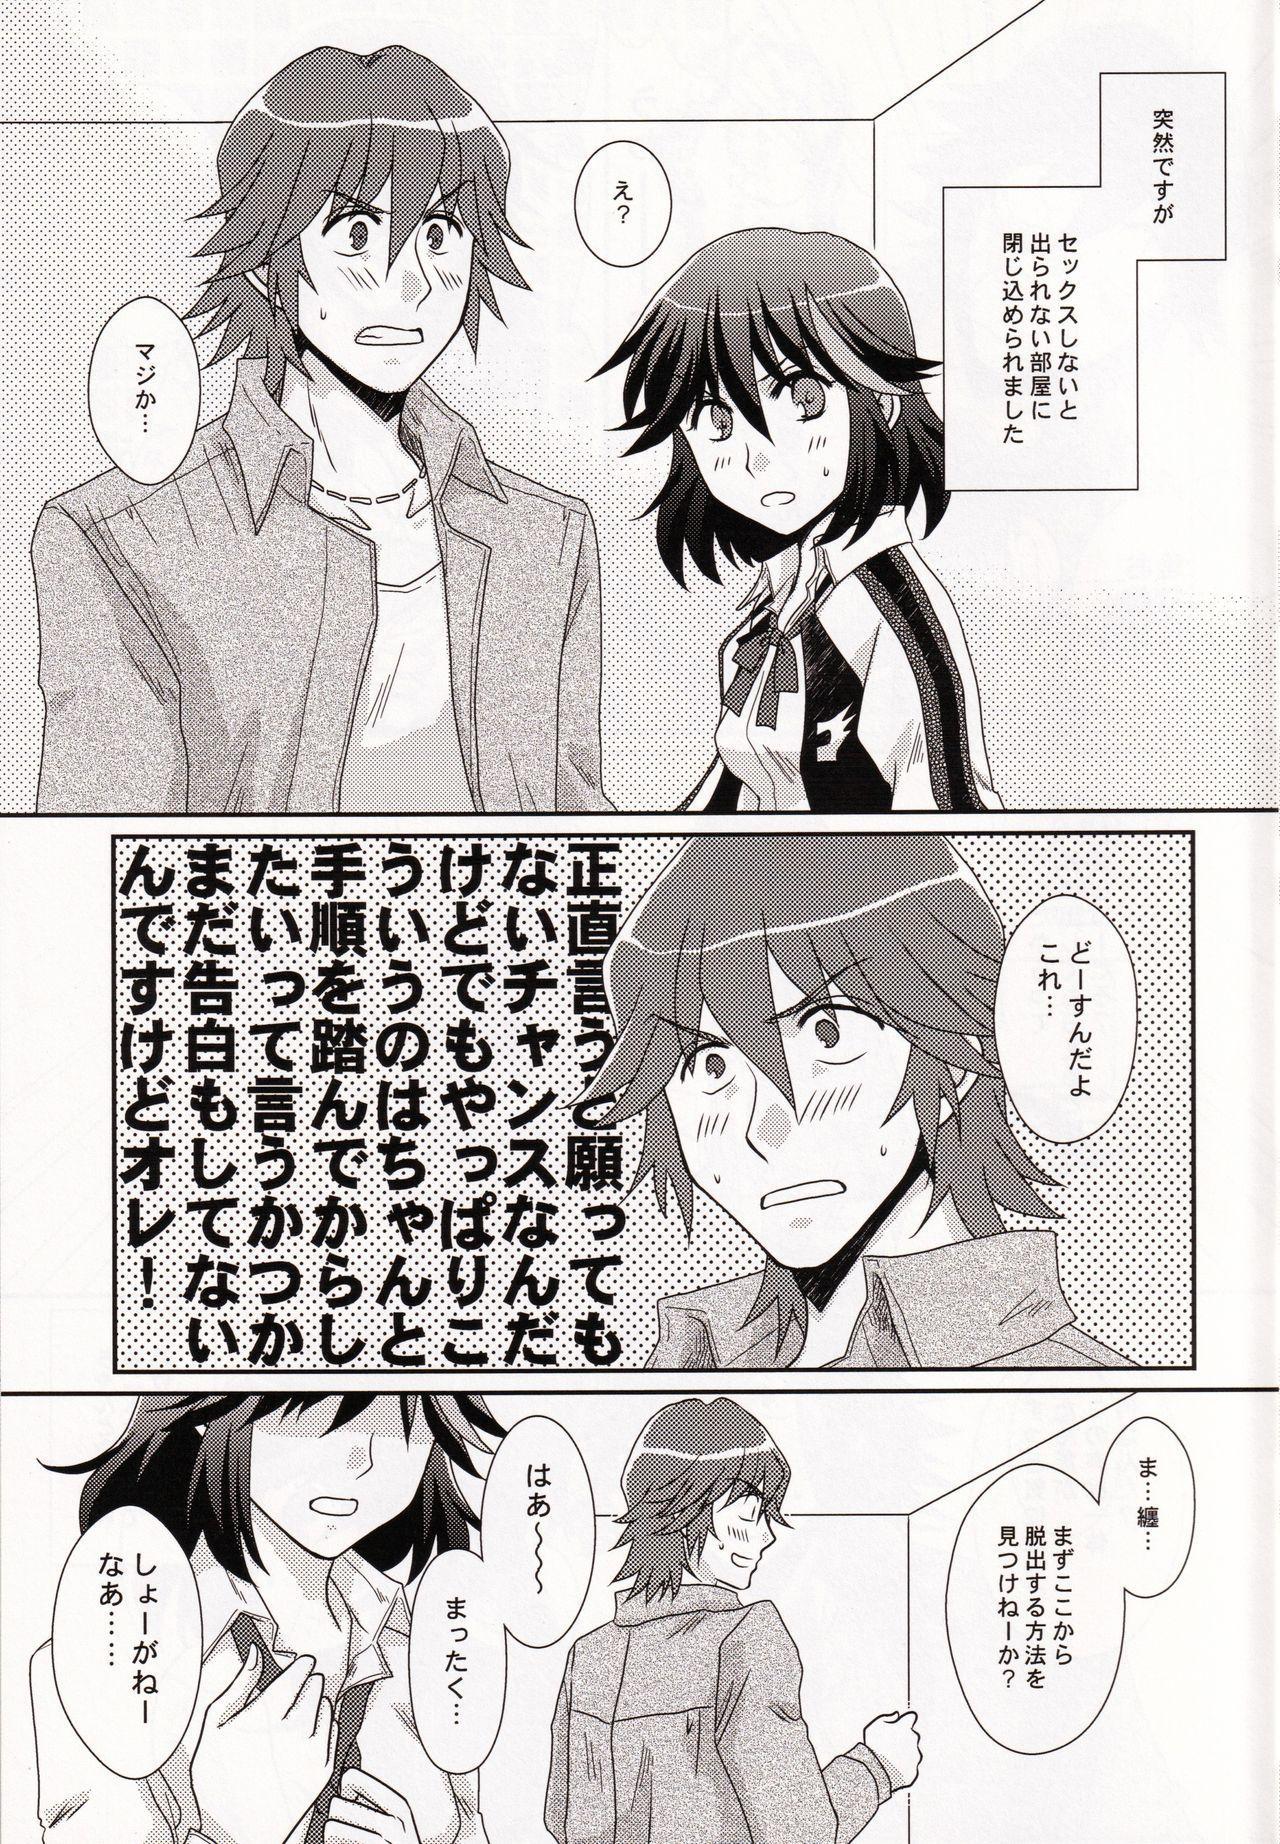 (SUPER26) [Ishin Denshin (Yuusa Riki)] Ore no Kanojo (Kari) ga Otokomae Sugite Mou Horeru shika Nai. (Kill la Kill) 4